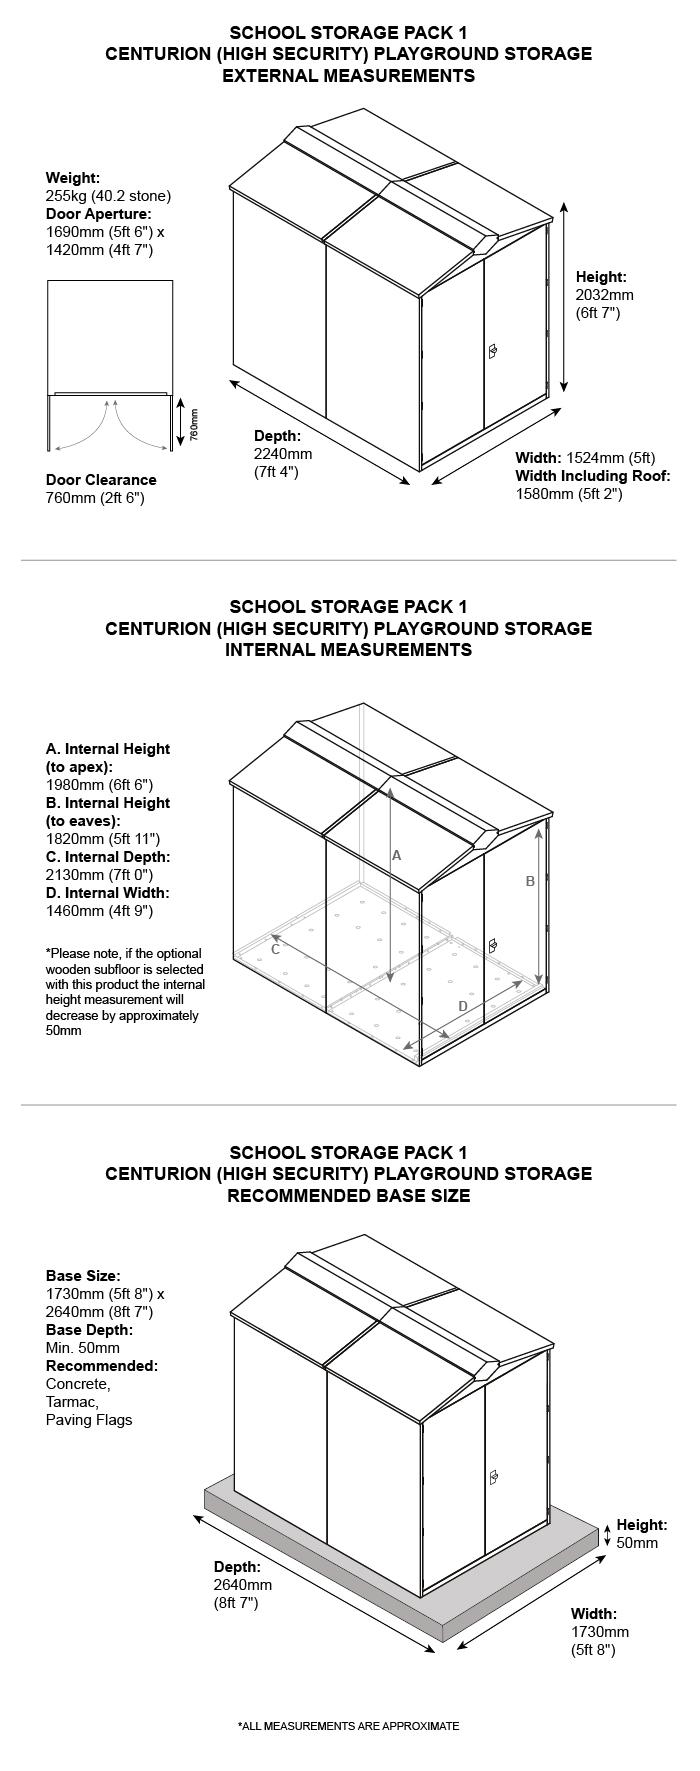 School Storage Pack 1 Dimensions